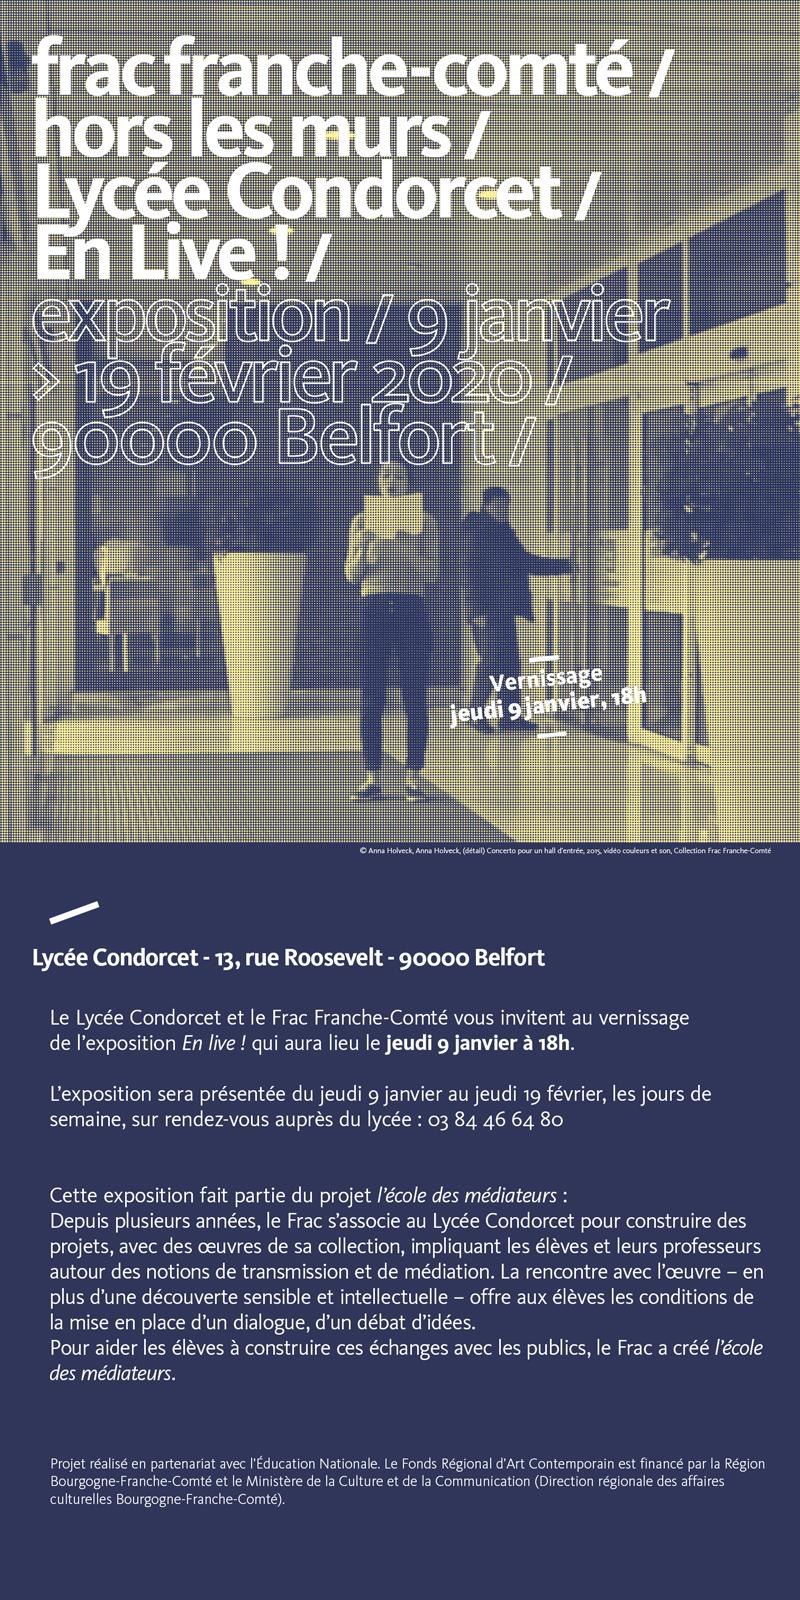 """""""En Live !"""" exposition Frac au Lycée Condorcet de Belfort du 9 janvier au 19 février 2020"""